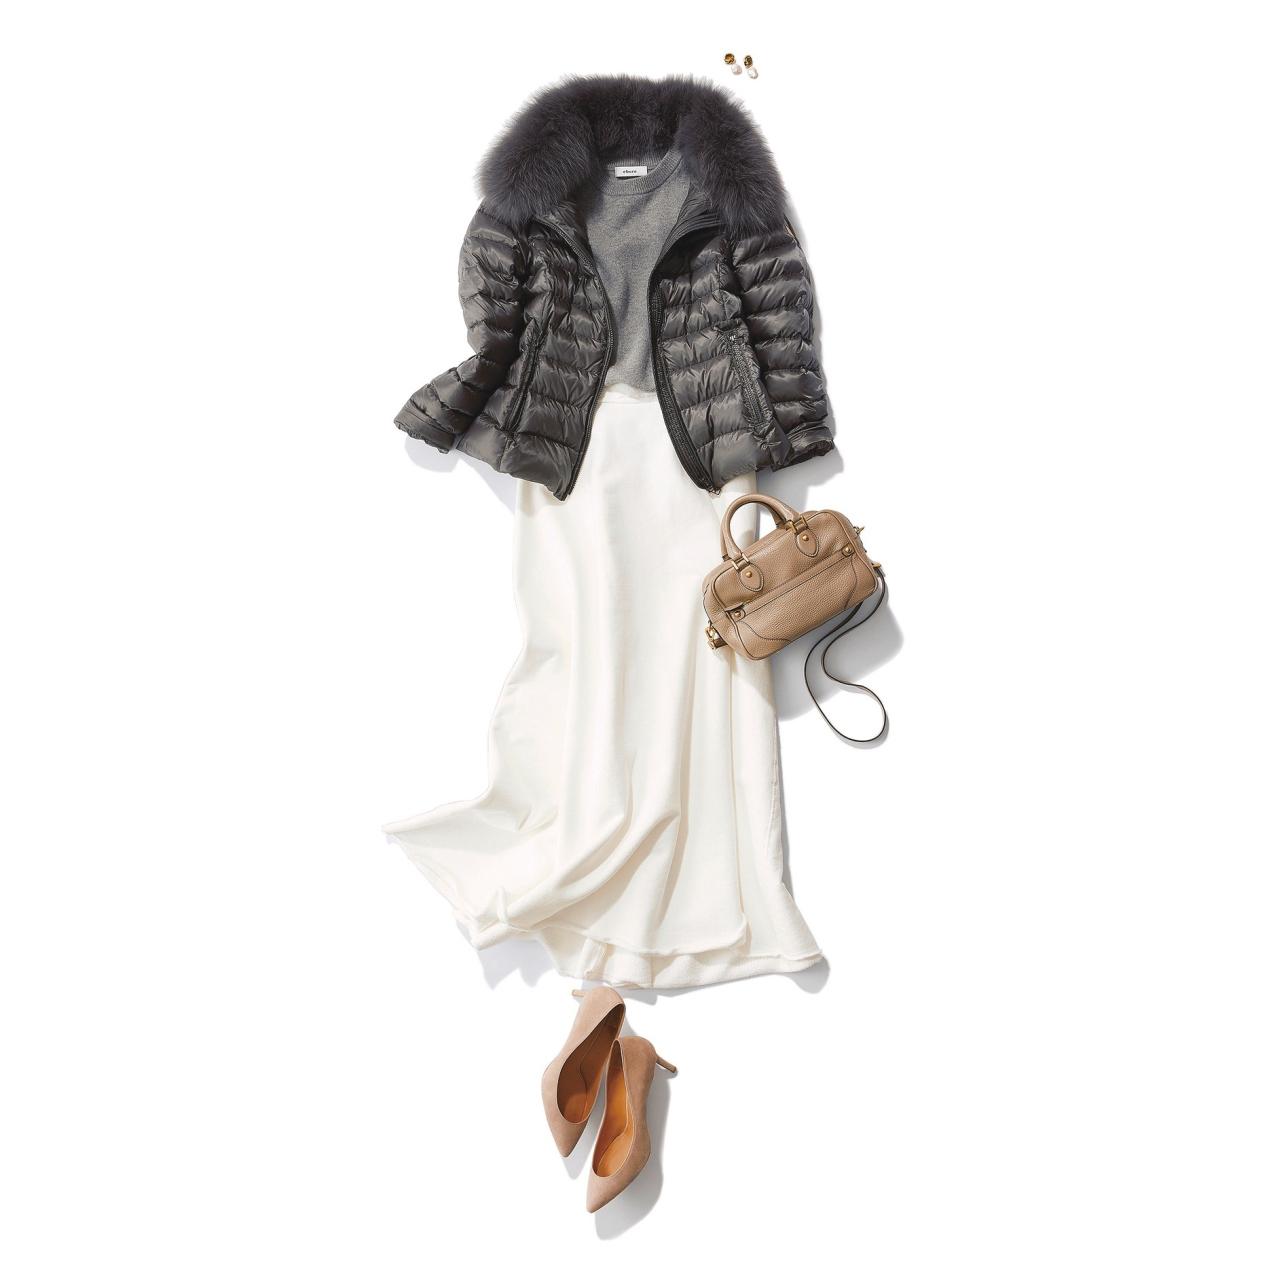 ダウンジャケット×白フレアスカートのファッションコーデ